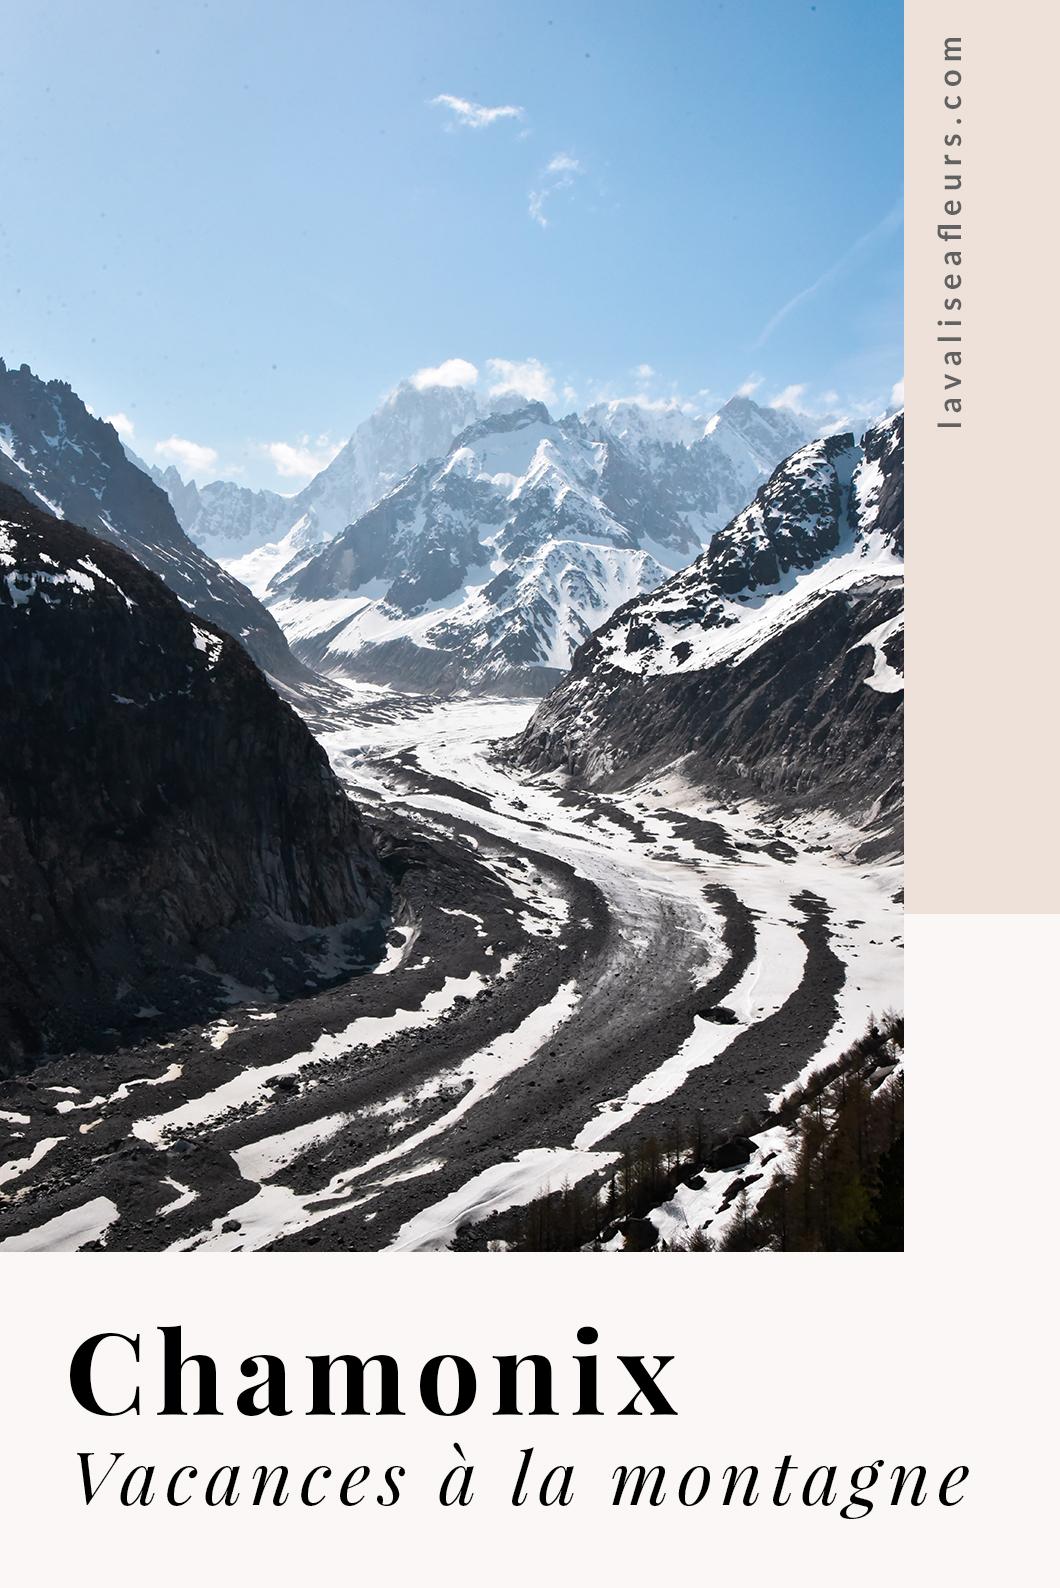 Vacances à la montagne à Chamonix en France